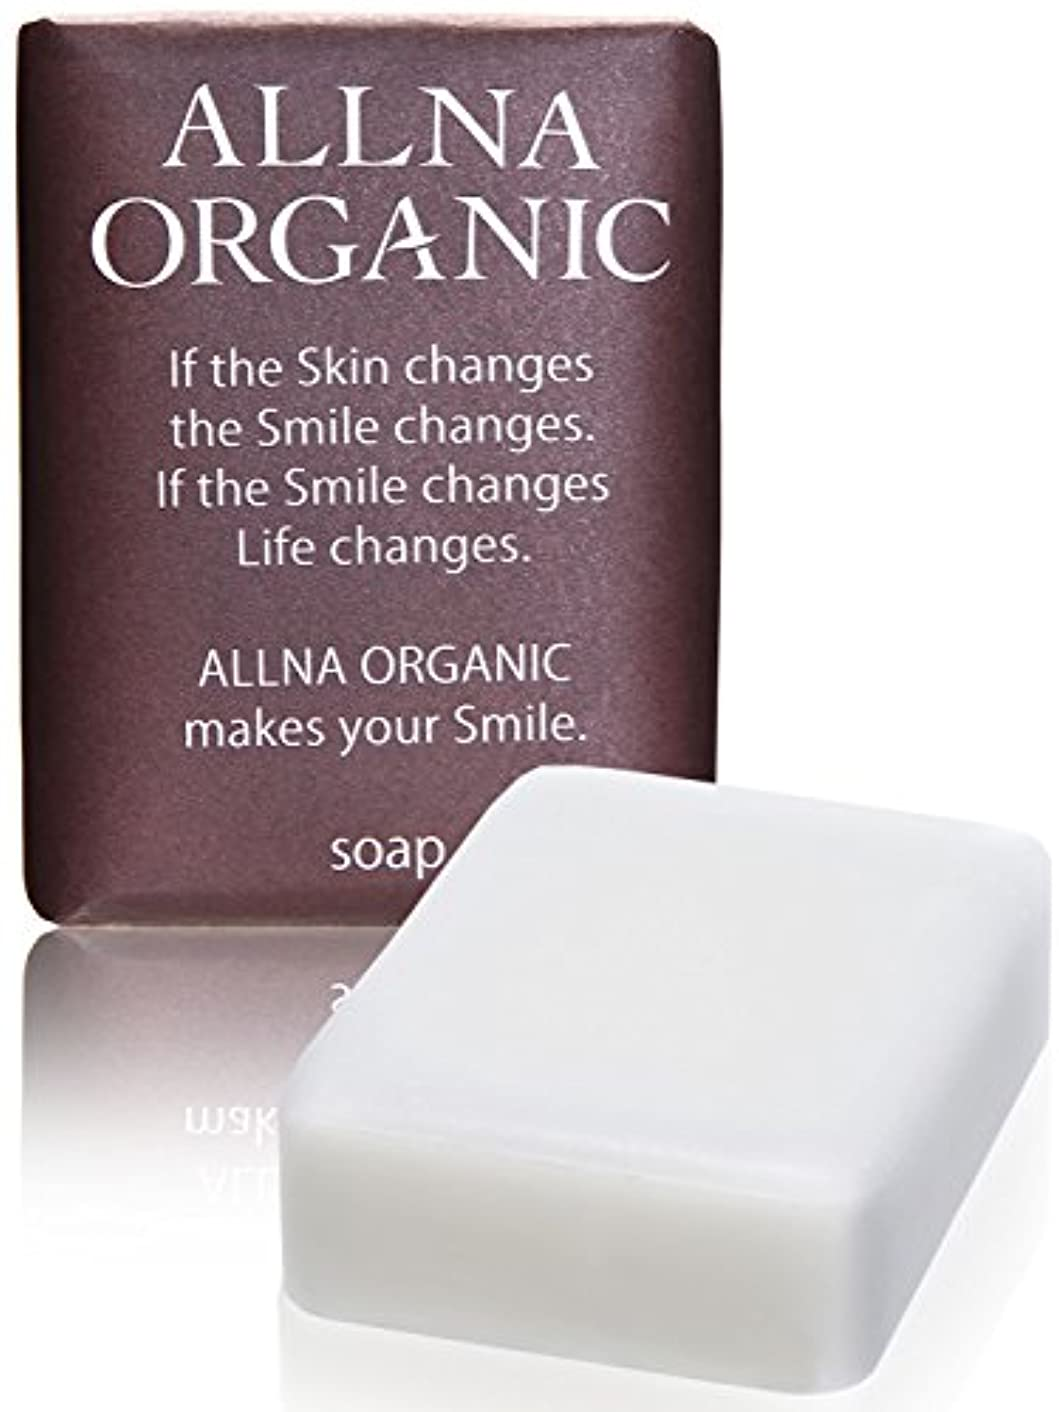 死すべき南アメリカダニオルナ オーガニック 石鹸 「 無添加 敏感 肌用 毛穴 対策 洗顔石鹸 」「 コラーゲン 3種 + ヒアルロン酸 4種 + ビタミンC 4種 + セラミド 配合」 保湿 固形 洗顔 せっけん バスサイズ 100g